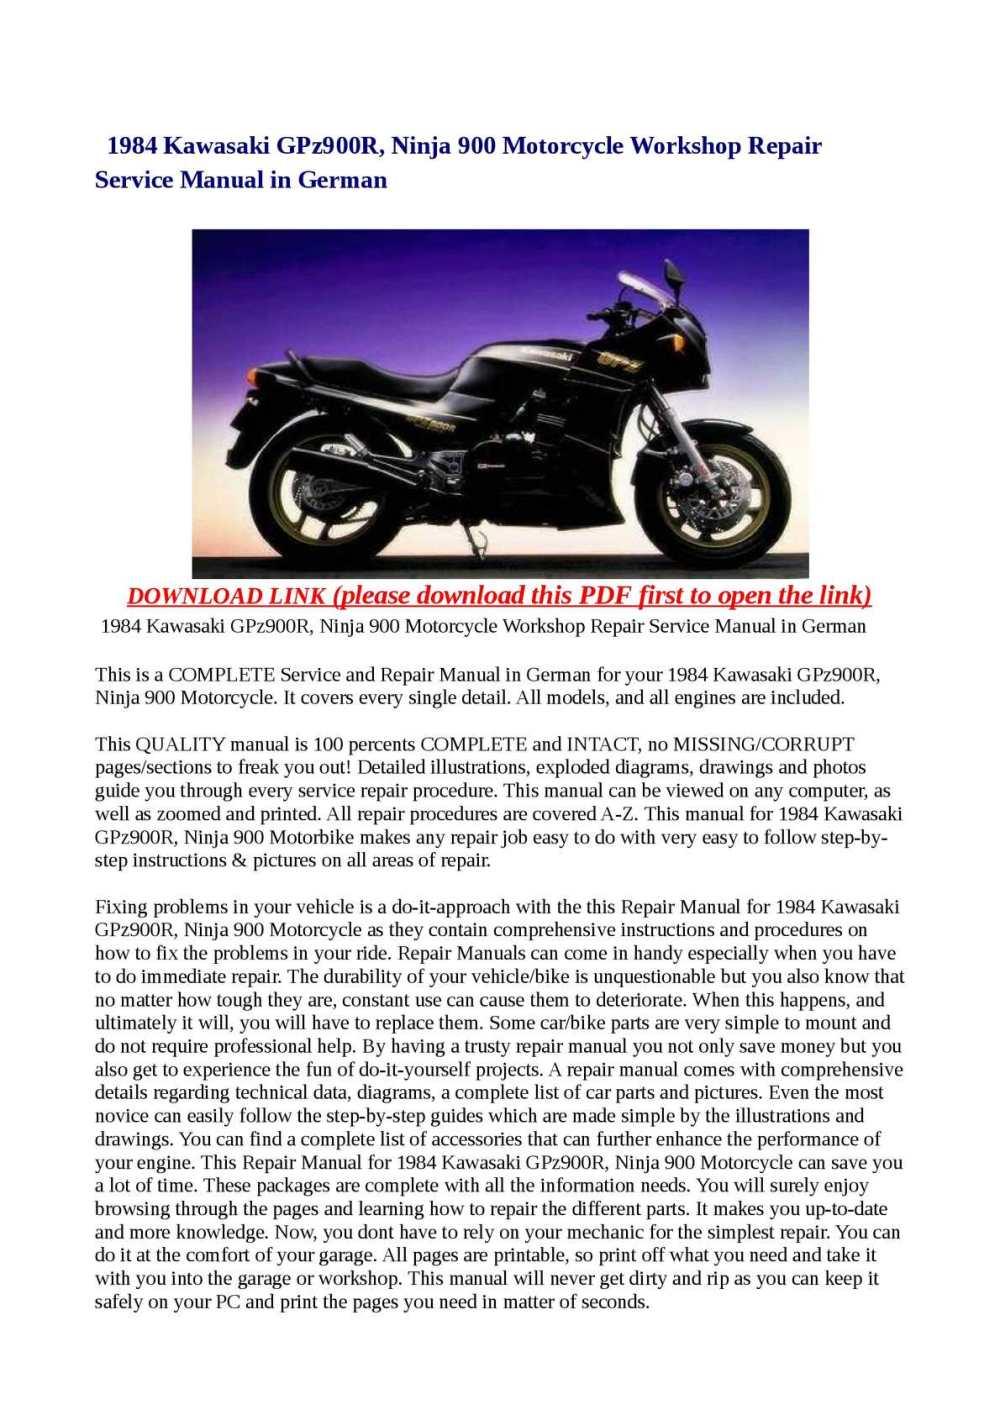 medium resolution of calam o 1984 kawasaki gpz900r ninja 900 motorcycle workshop repair service manual in german